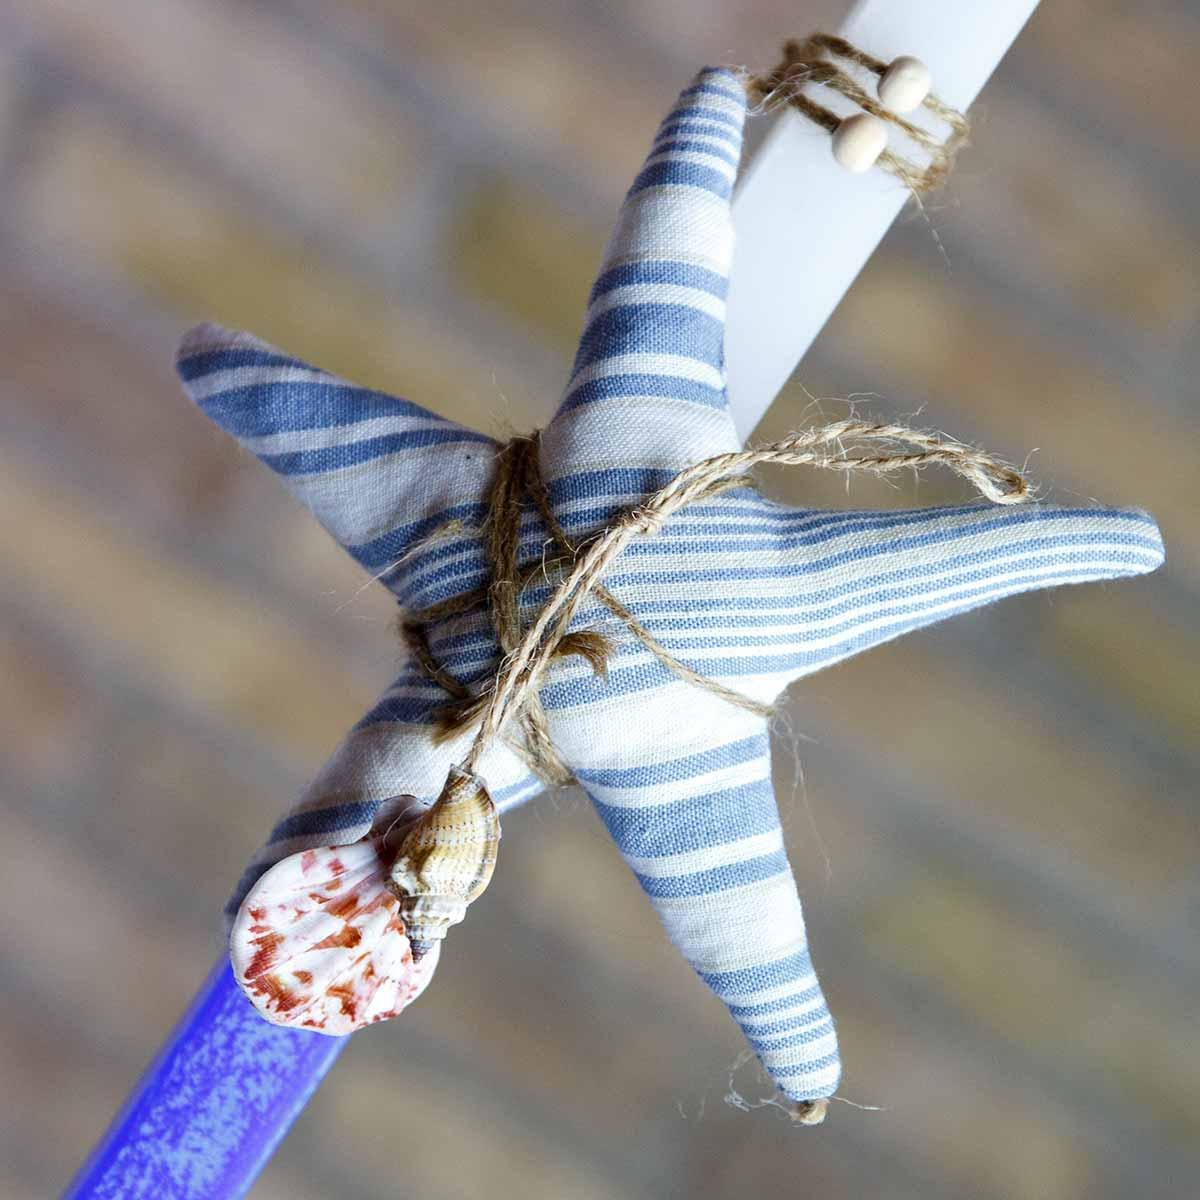 Πασχαλινή Λαμπάδα χειροποίητη με μπλε αστερία